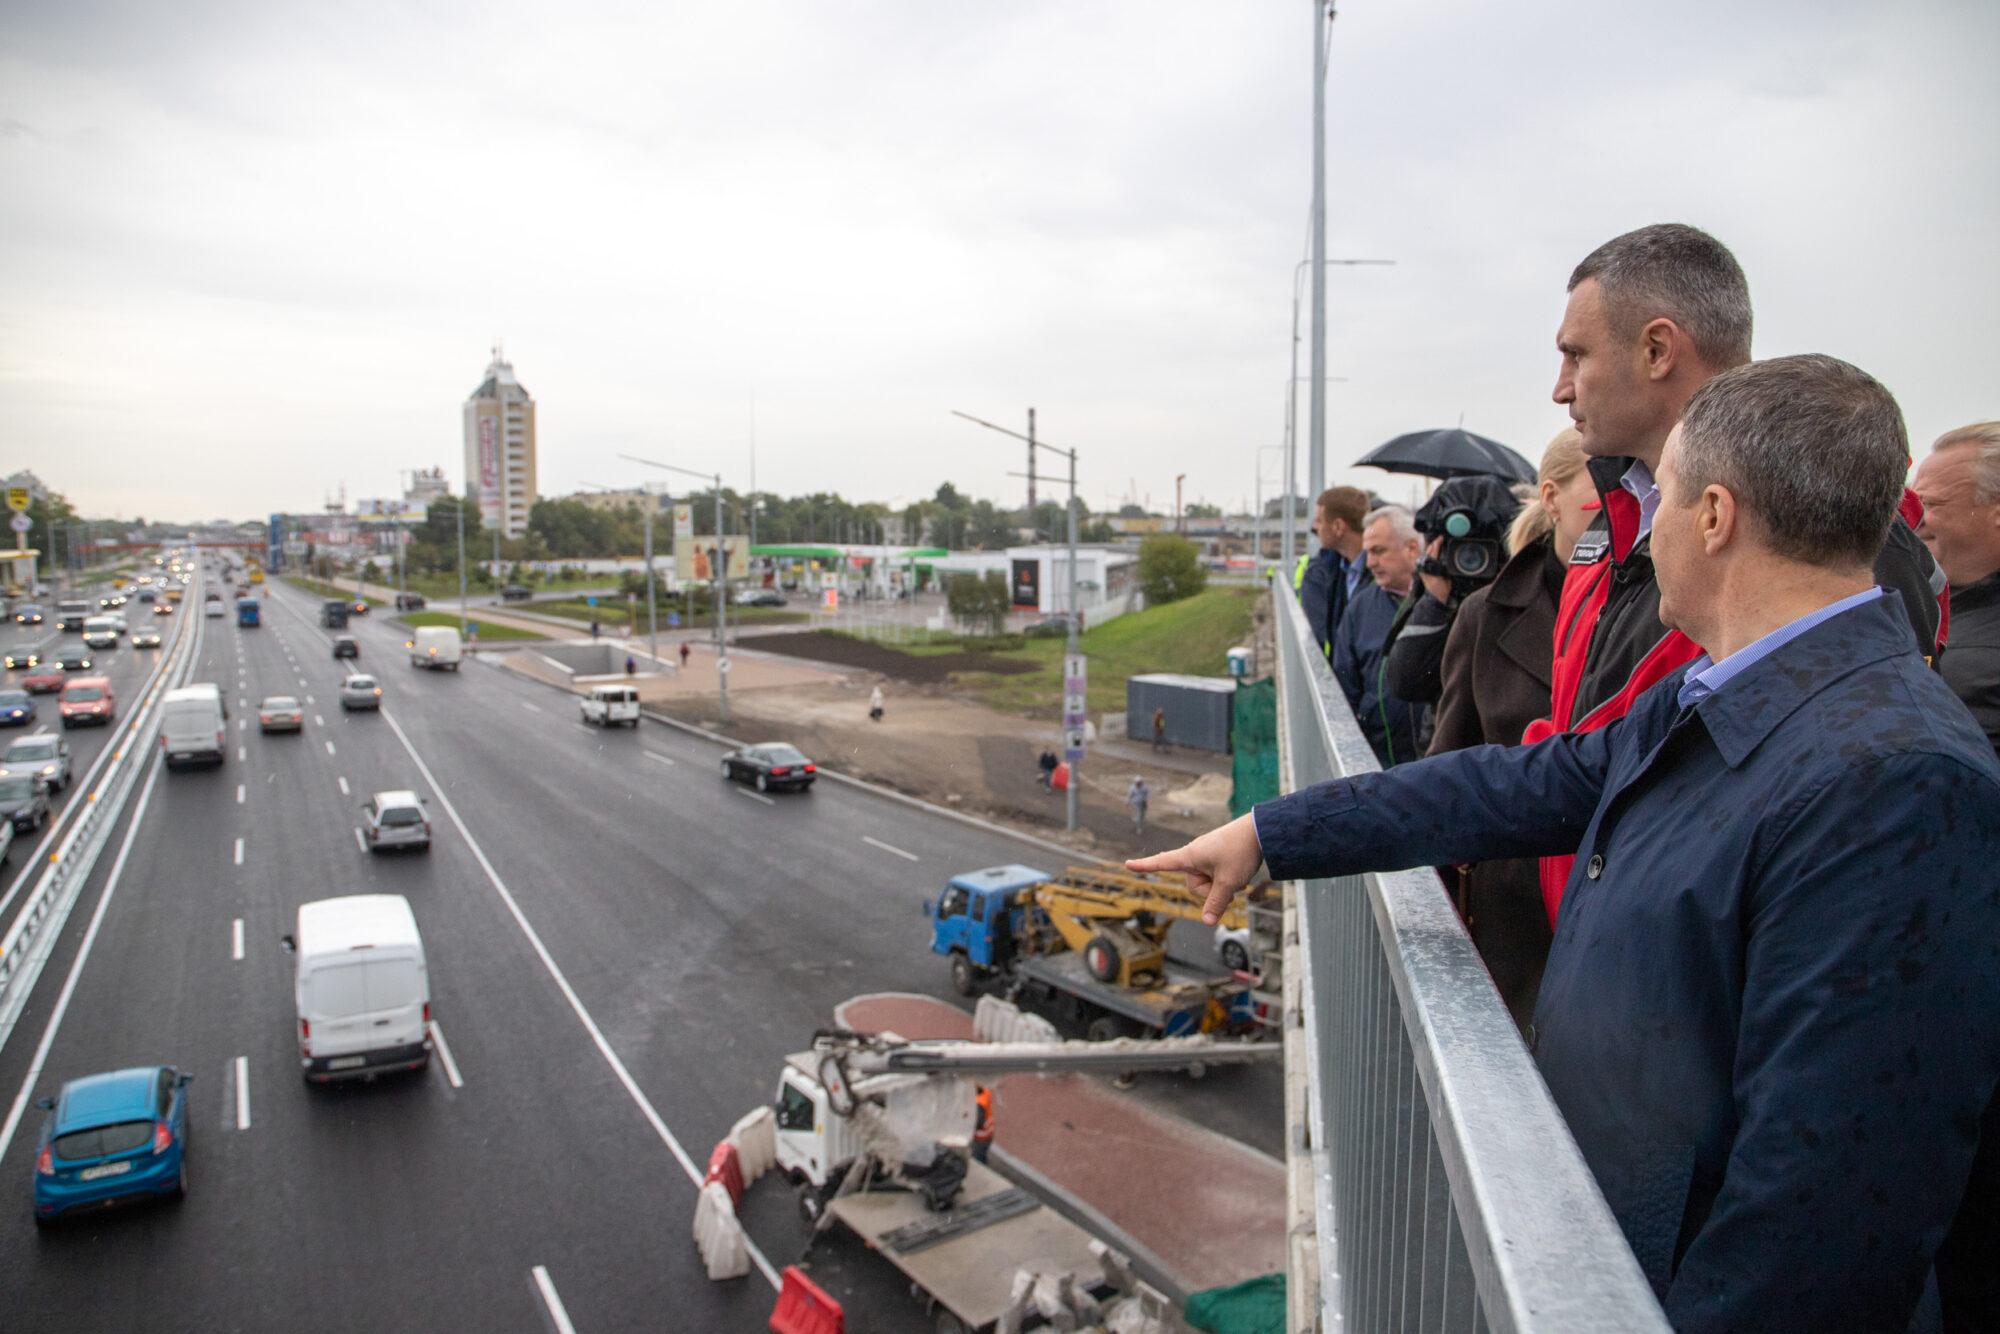 У Києві відкрили проїзд двома шляхопроводами - шляхопровід, Київ - SHlyaho osn 2000x1334